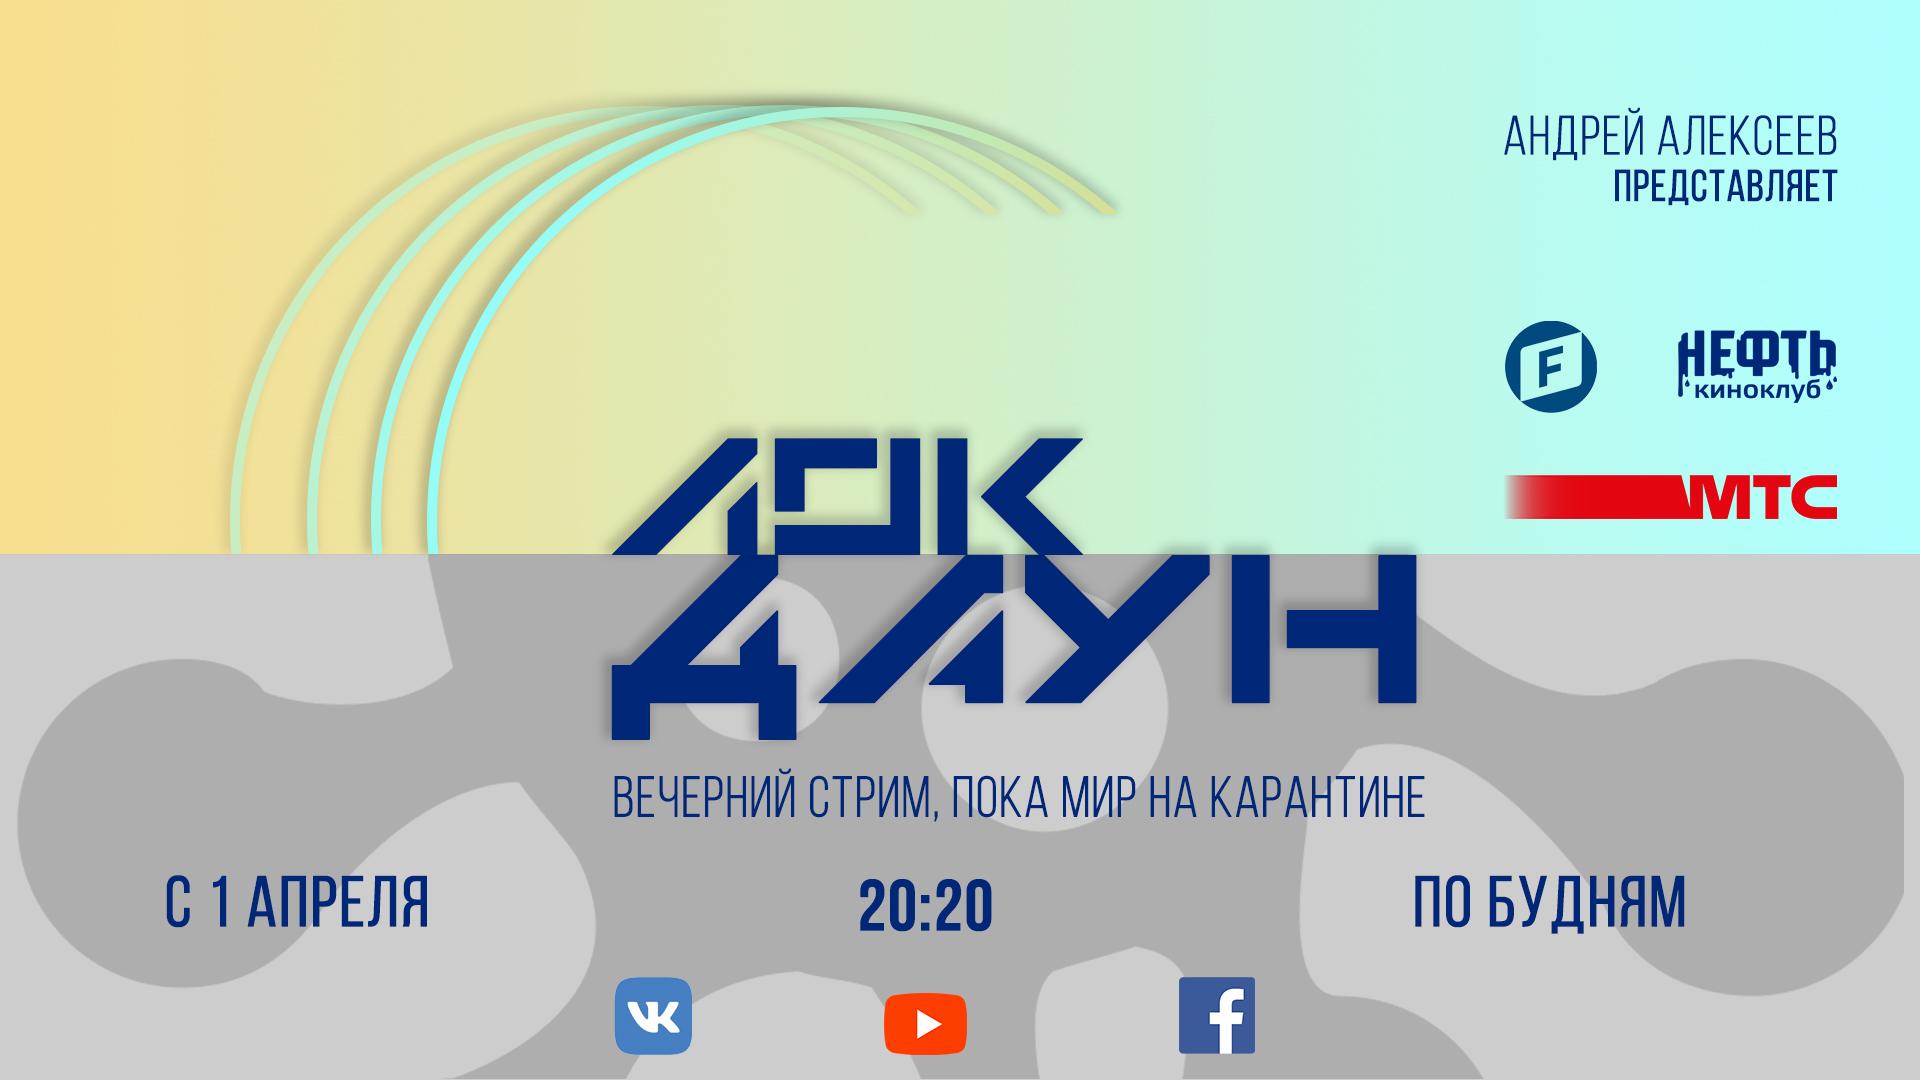 Андрей Алексеев и МТС запускают новый стрим про жизнь взаперти